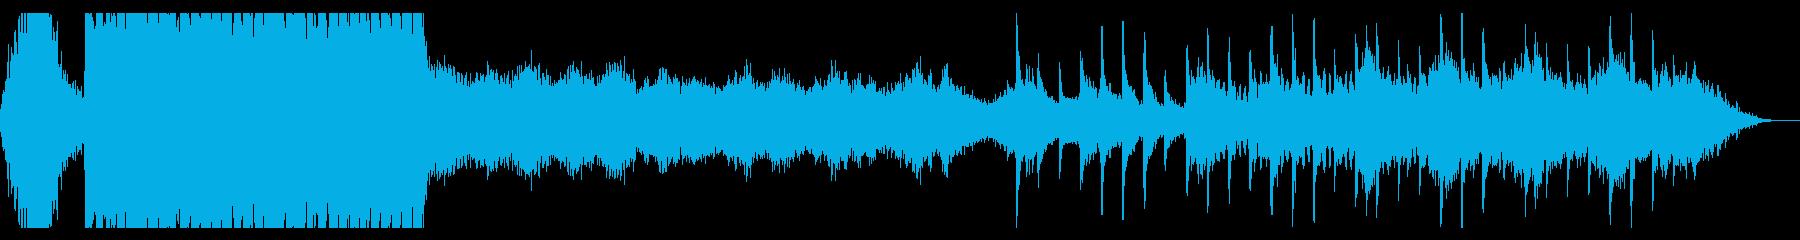 幻想的でアンビエントな、クールなサウンドの再生済みの波形